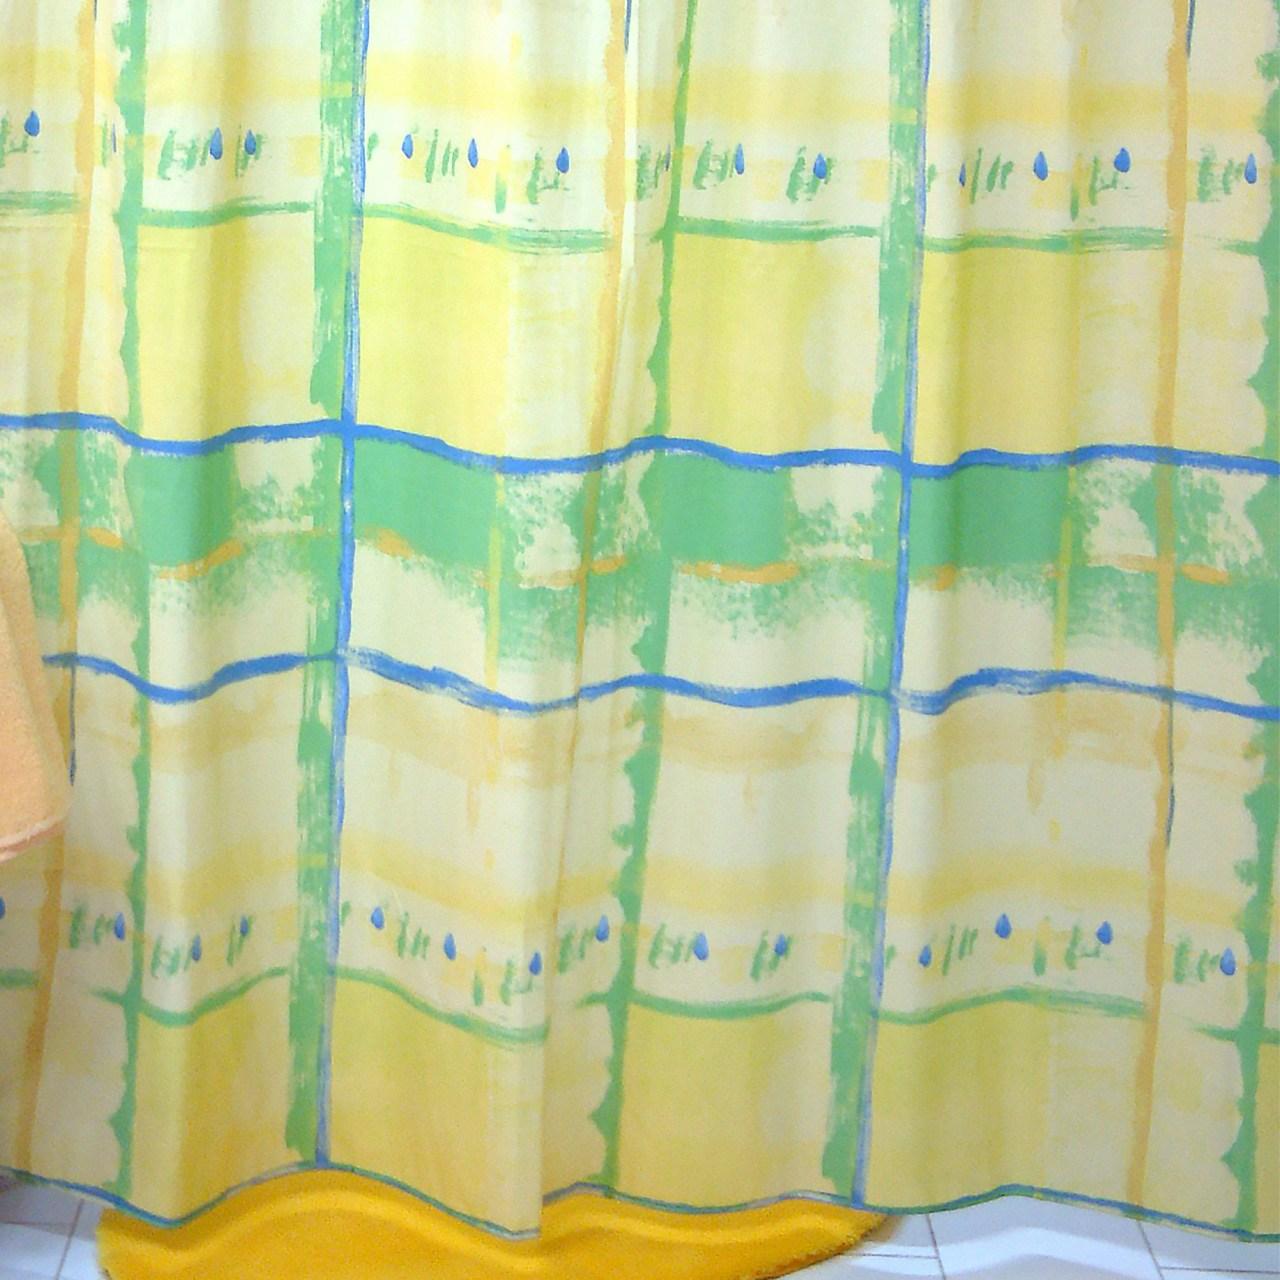 پرده حمام فرش مریم مدل Cubism - سایز 200 × 180 سانتی متر